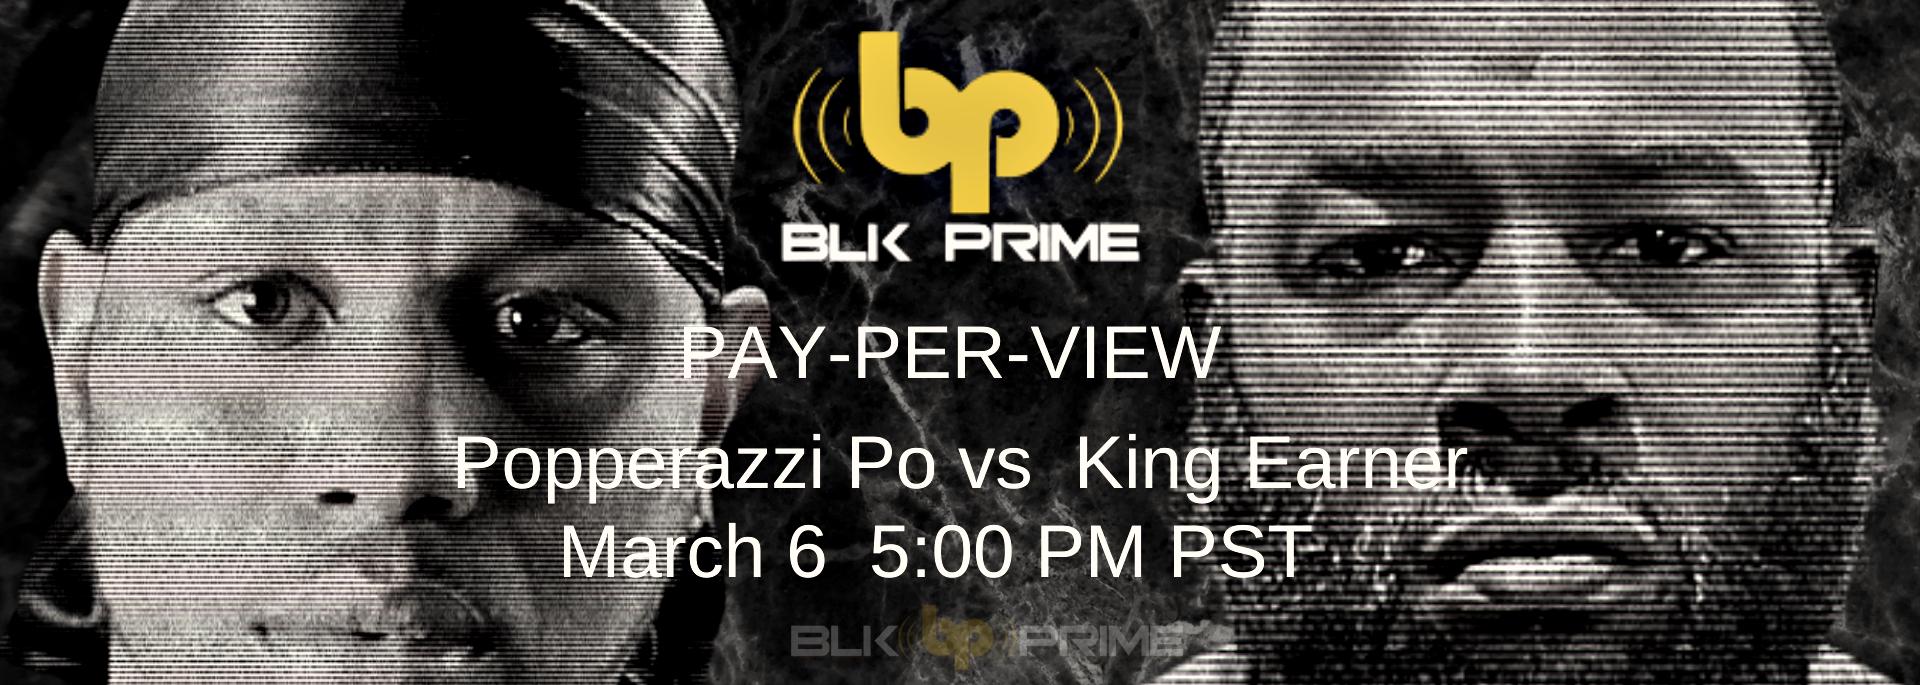 Popperazzi Po VS King Earner #2